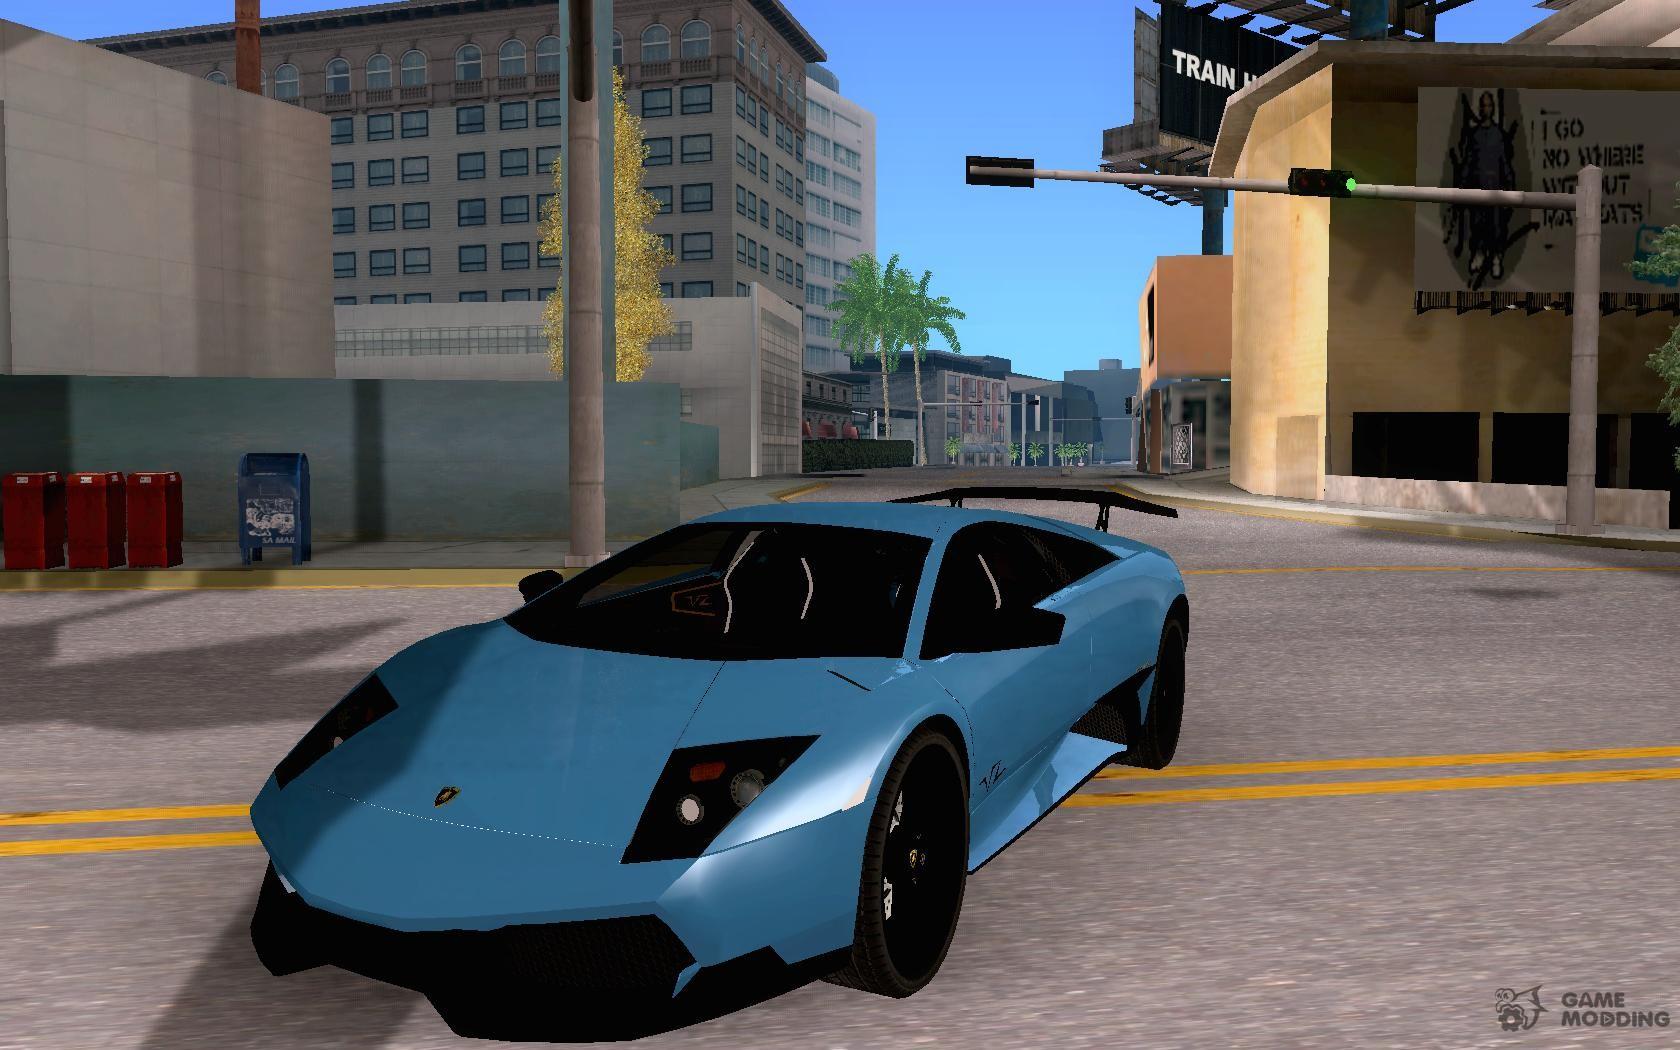 Lamborghini Murcielago Lp 670 4 Sv For Gta San Andreas